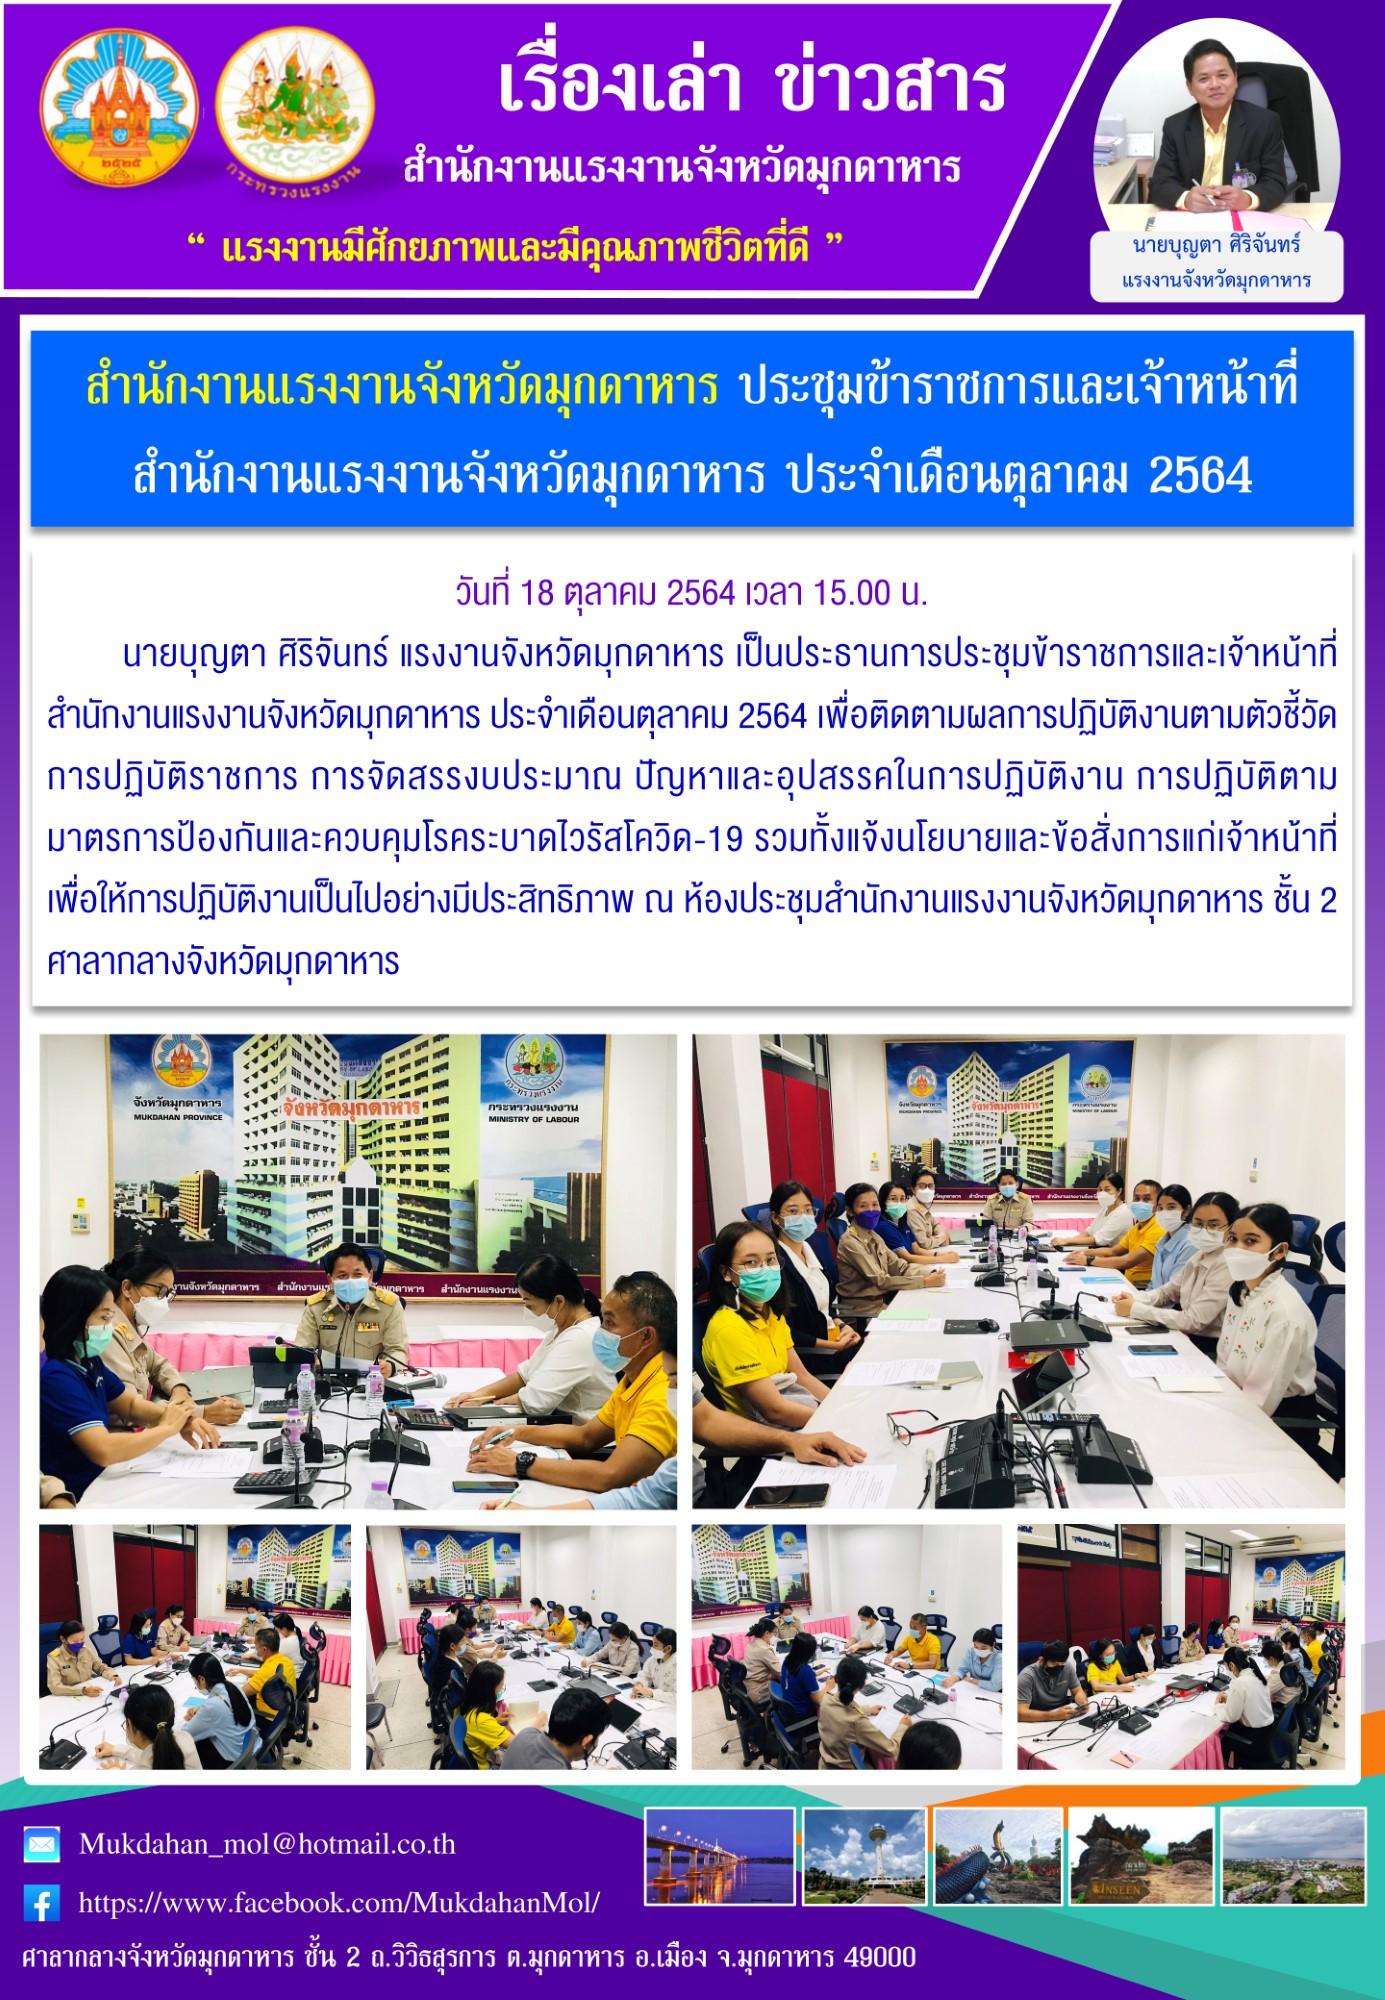 สำนักงานแรงงานจังหวัดมุกดาหาร ประชุมข้าราชการและเจ้าหน้าที่สำนักงานแรงงานจังหวัดมุกดาหาร ประจำเดือนตุลาคม 2564